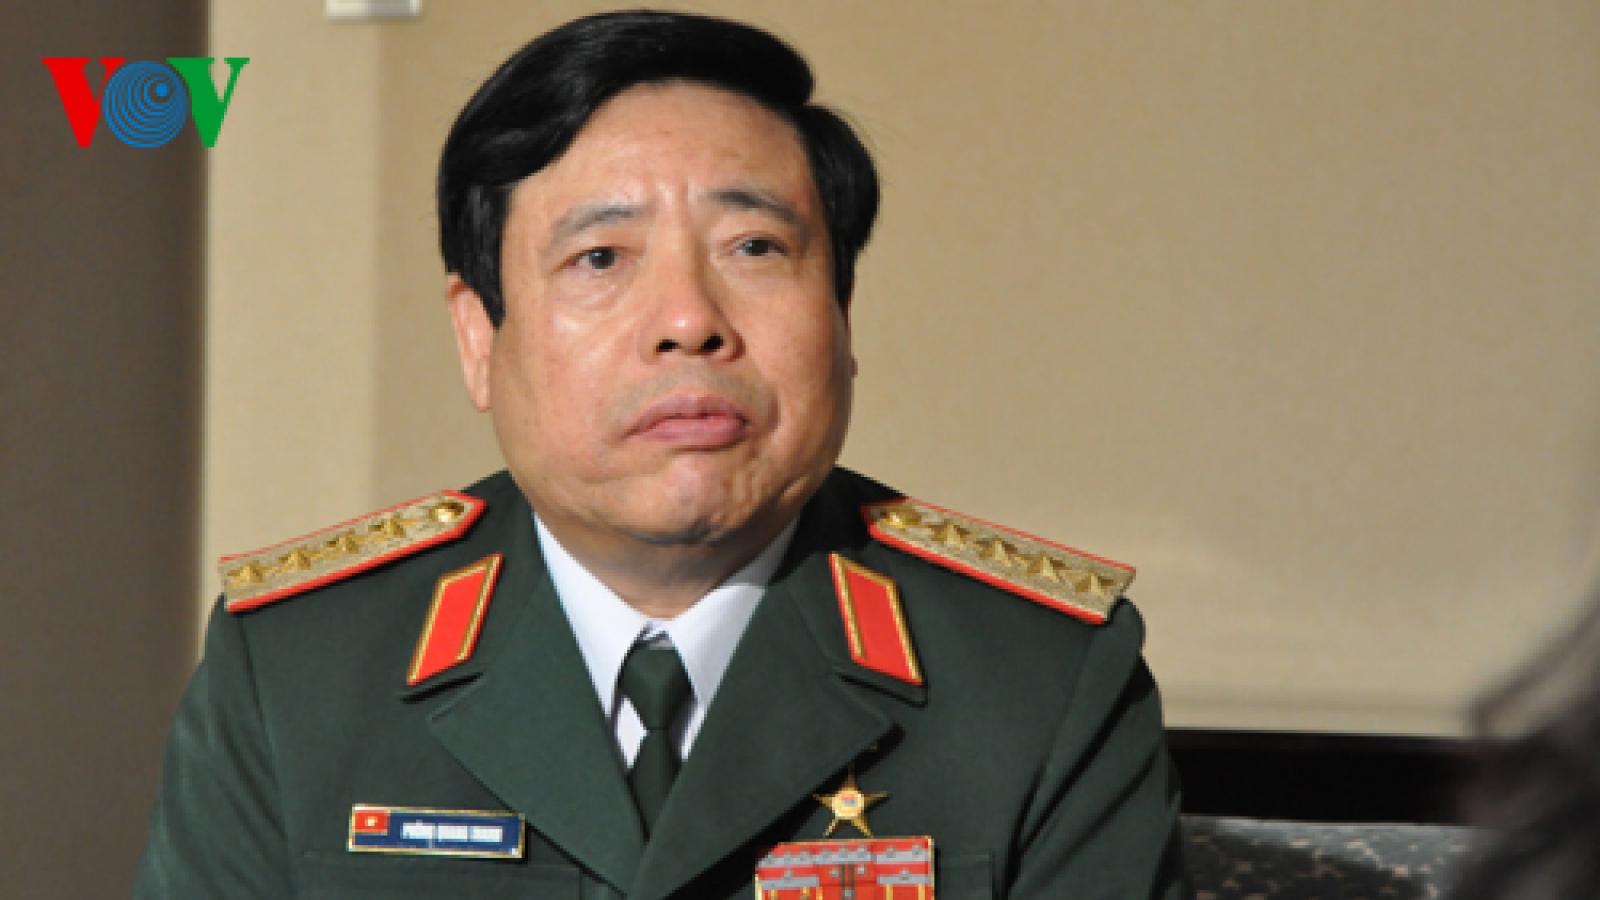 Đại tướng Phùng Quang Thanh và cơ chế ADMM+ lần đầu tiên được tổ chức ở Việt Nam